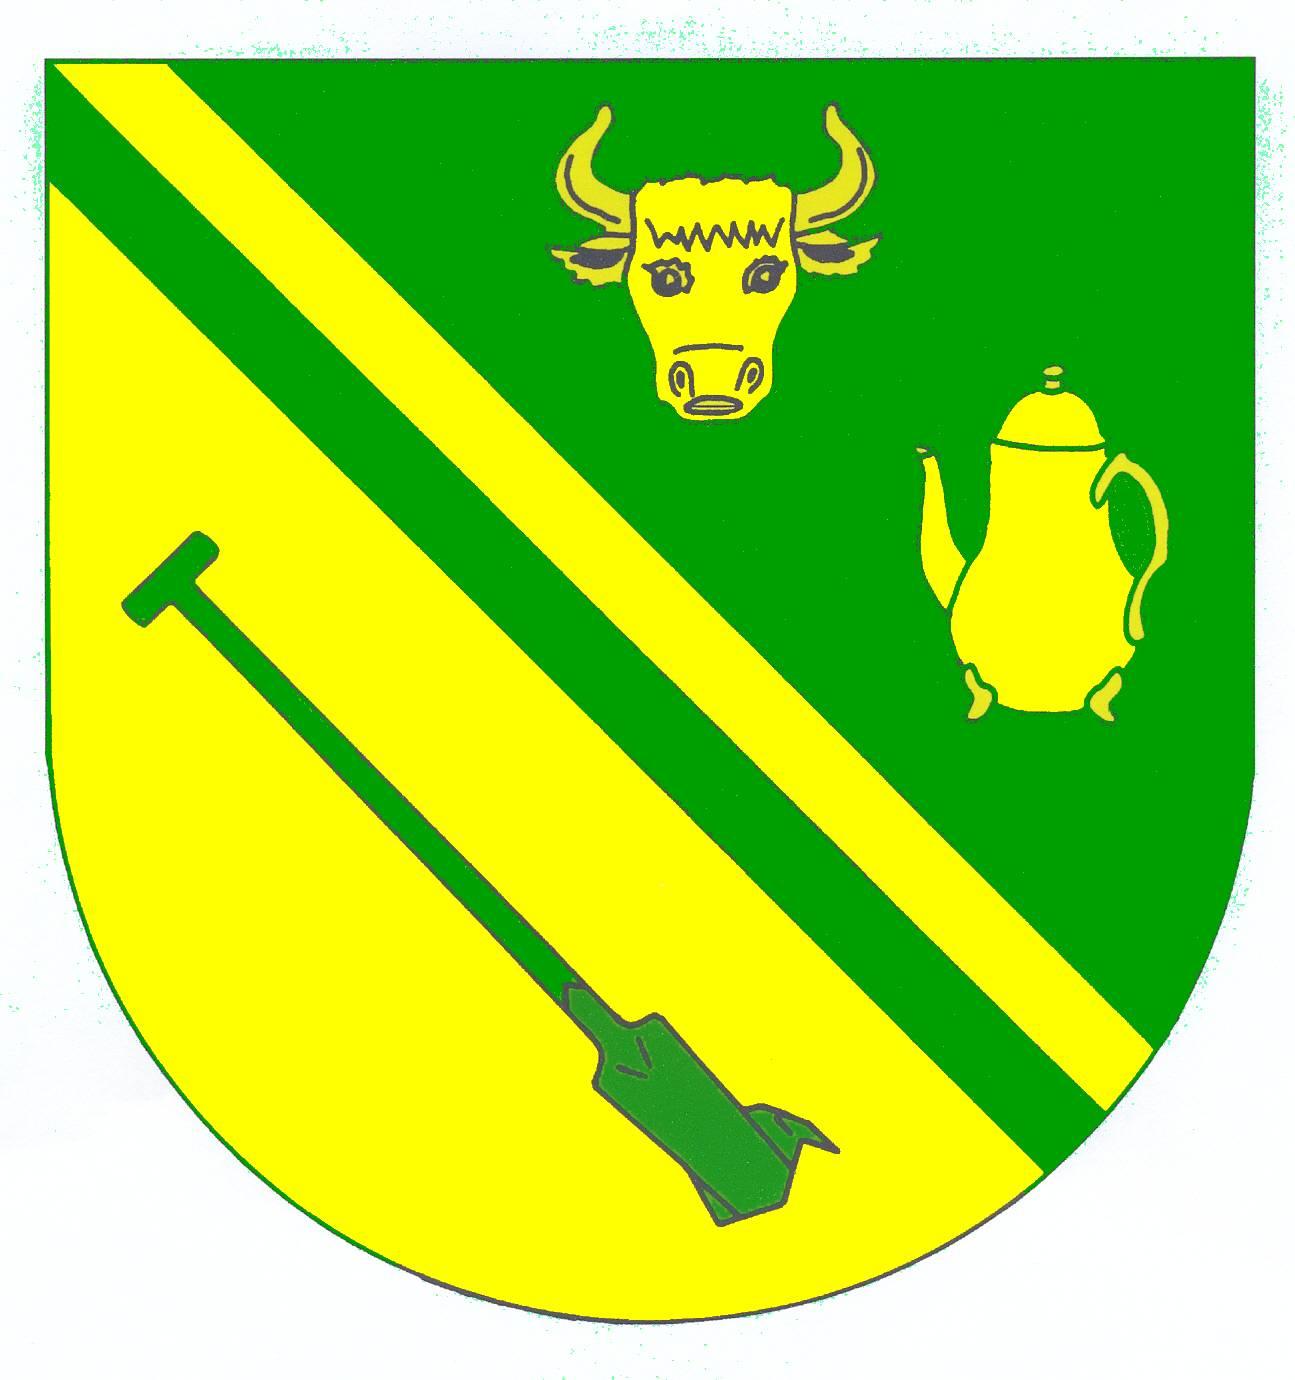 Wappen GemeindeHaselund, Kreis Nordfriesland